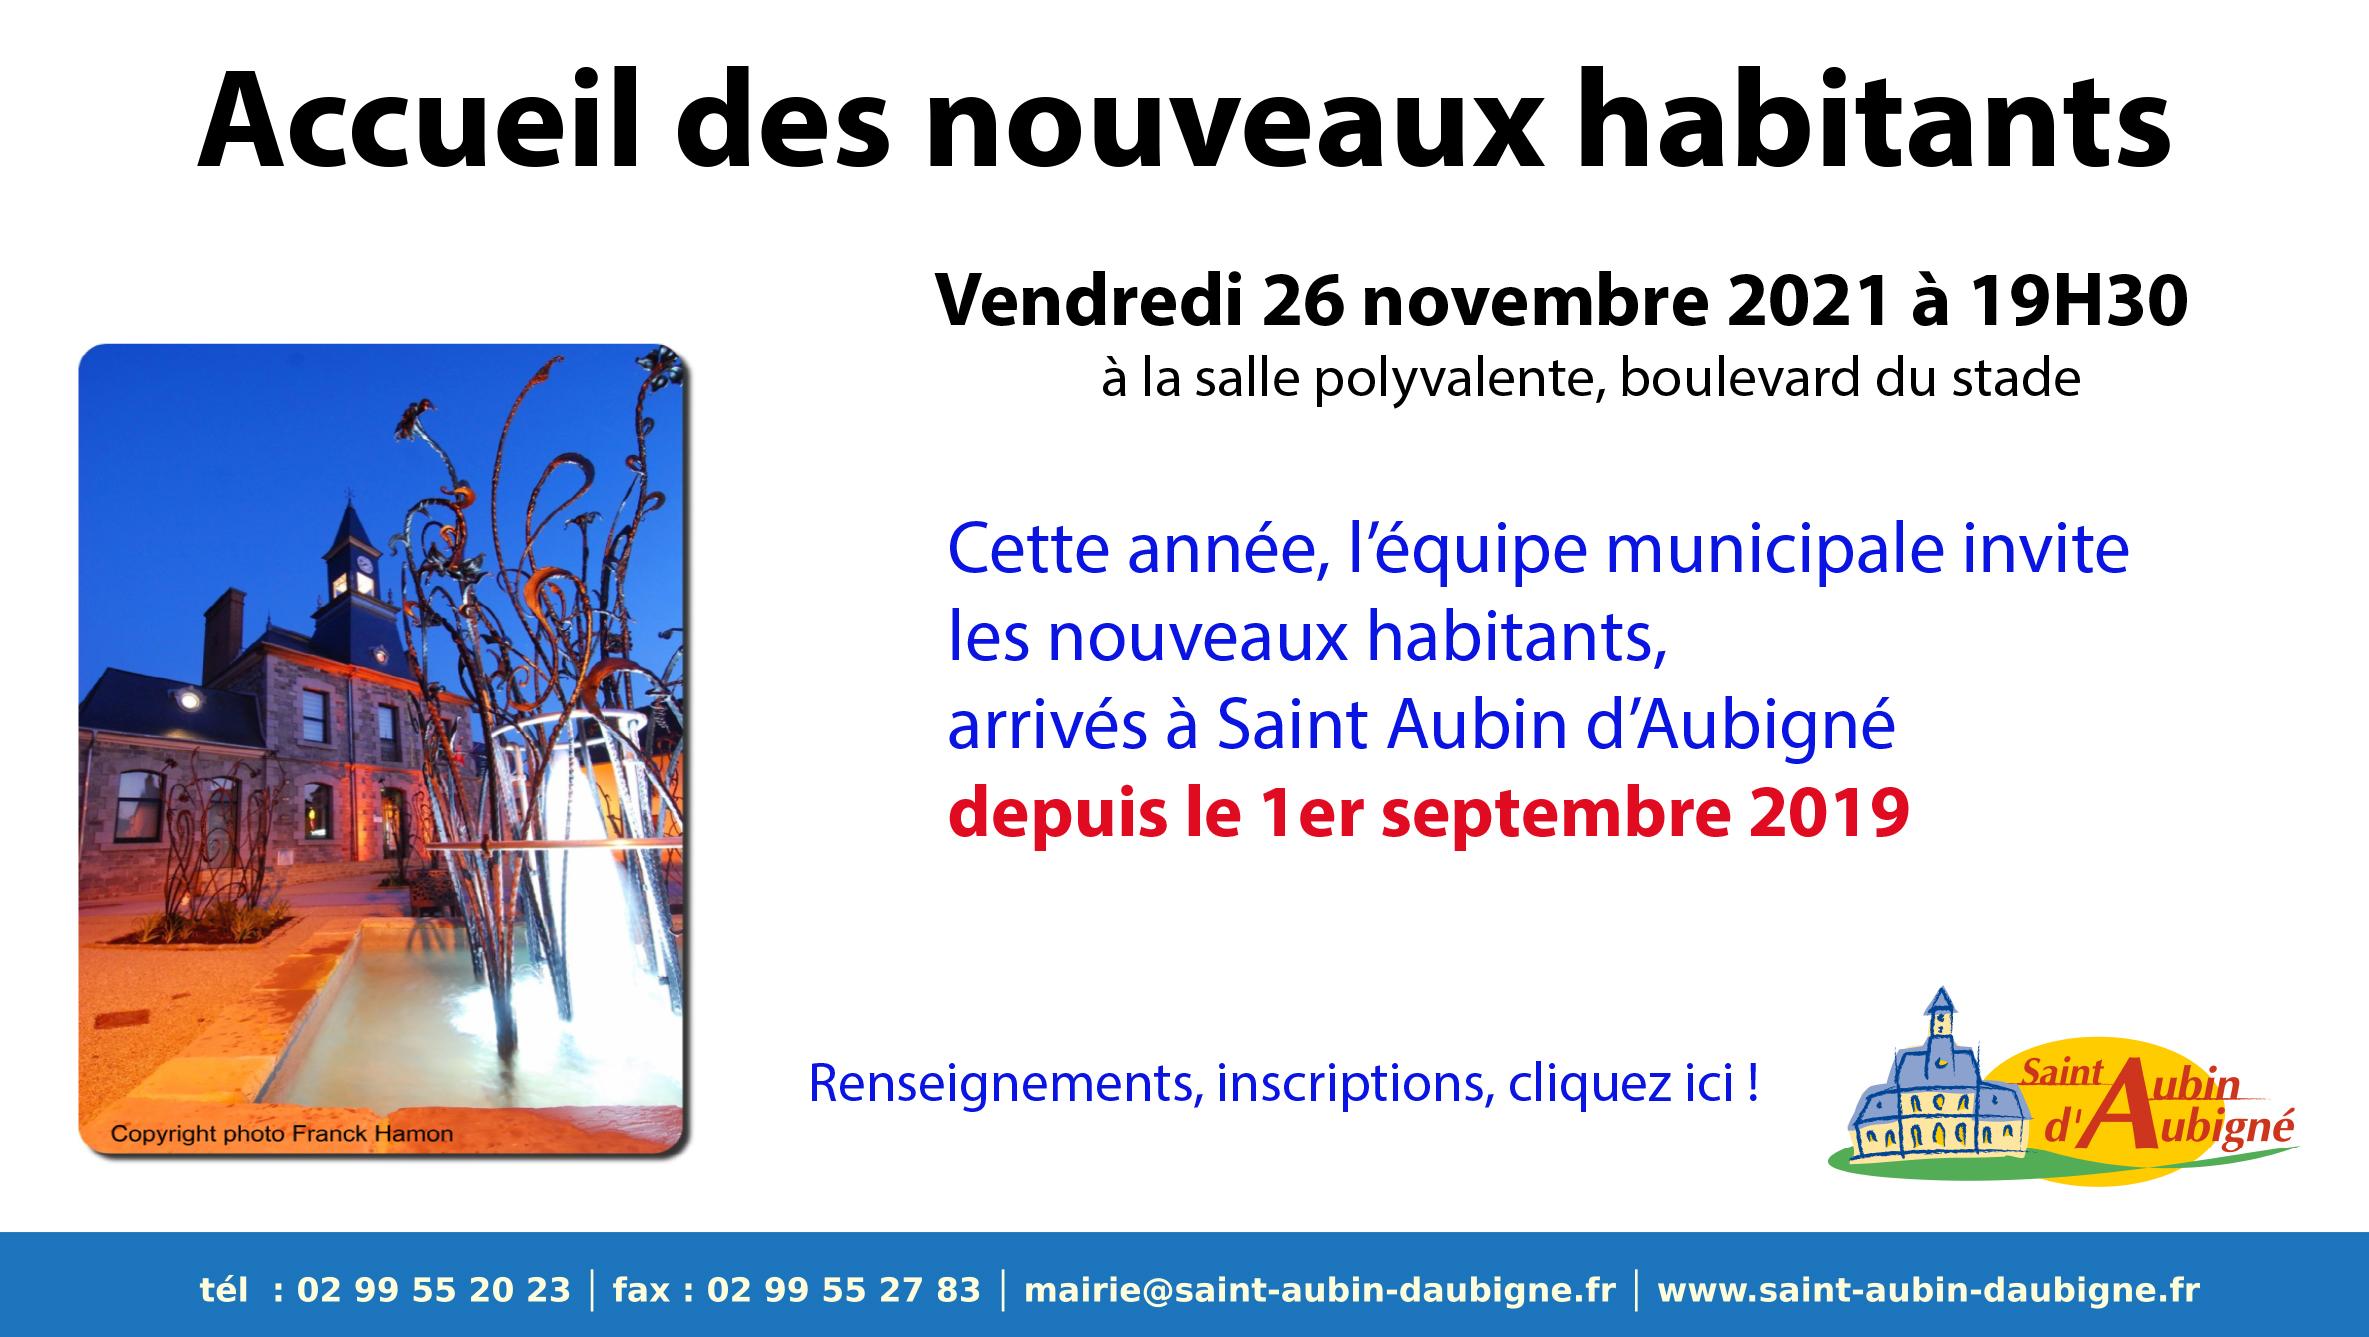 Accueil des nouveaux habitants Vendredi 26 novembre 2021 à 19H30